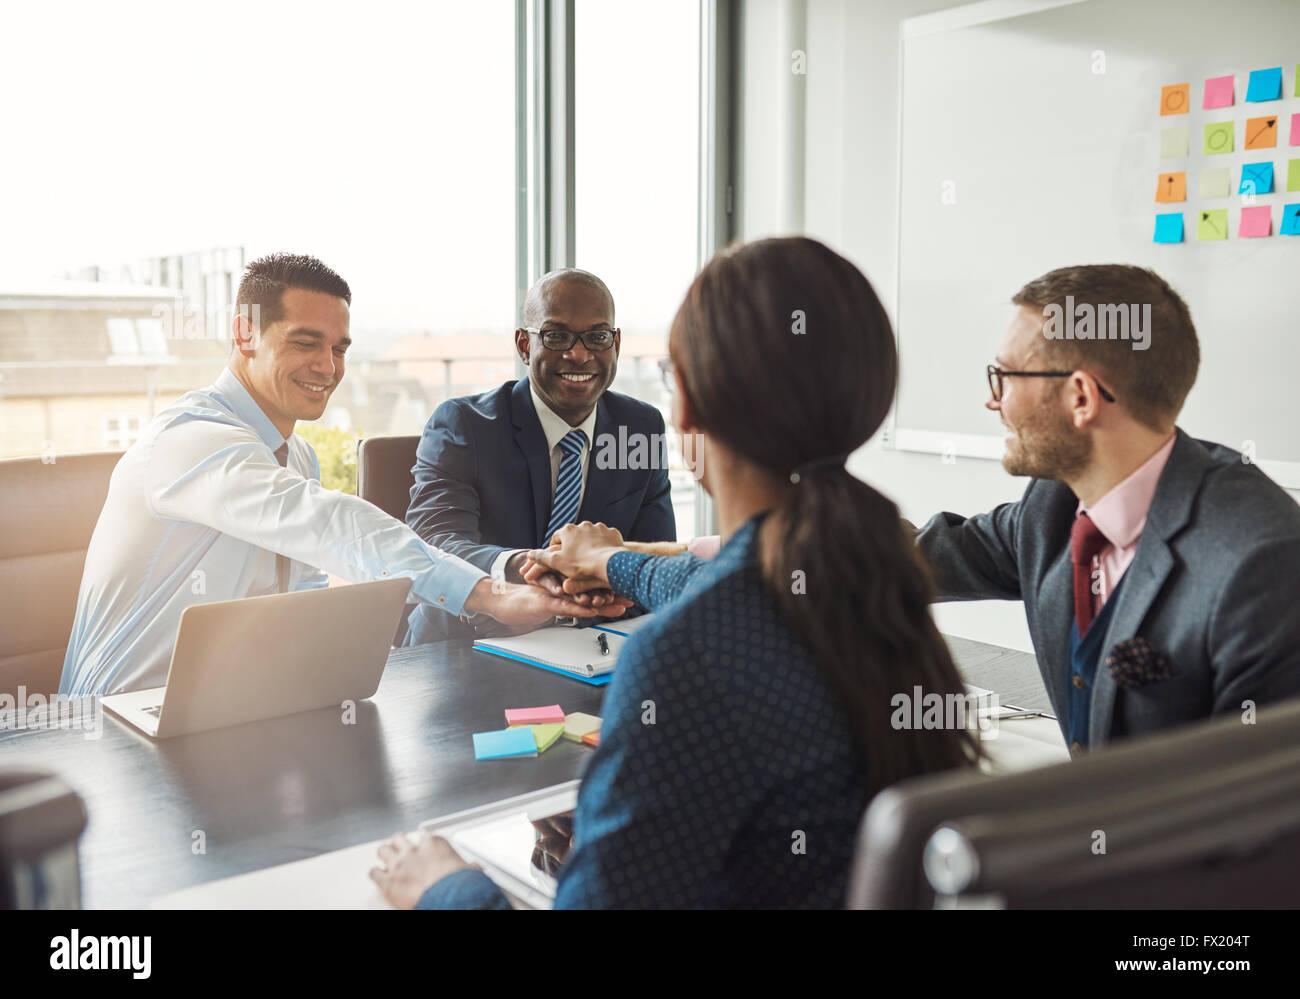 Exitoso negocio multirracial equipo trabajando juntos afirman su compromiso mediante la vinculación de manos Imagen De Stock